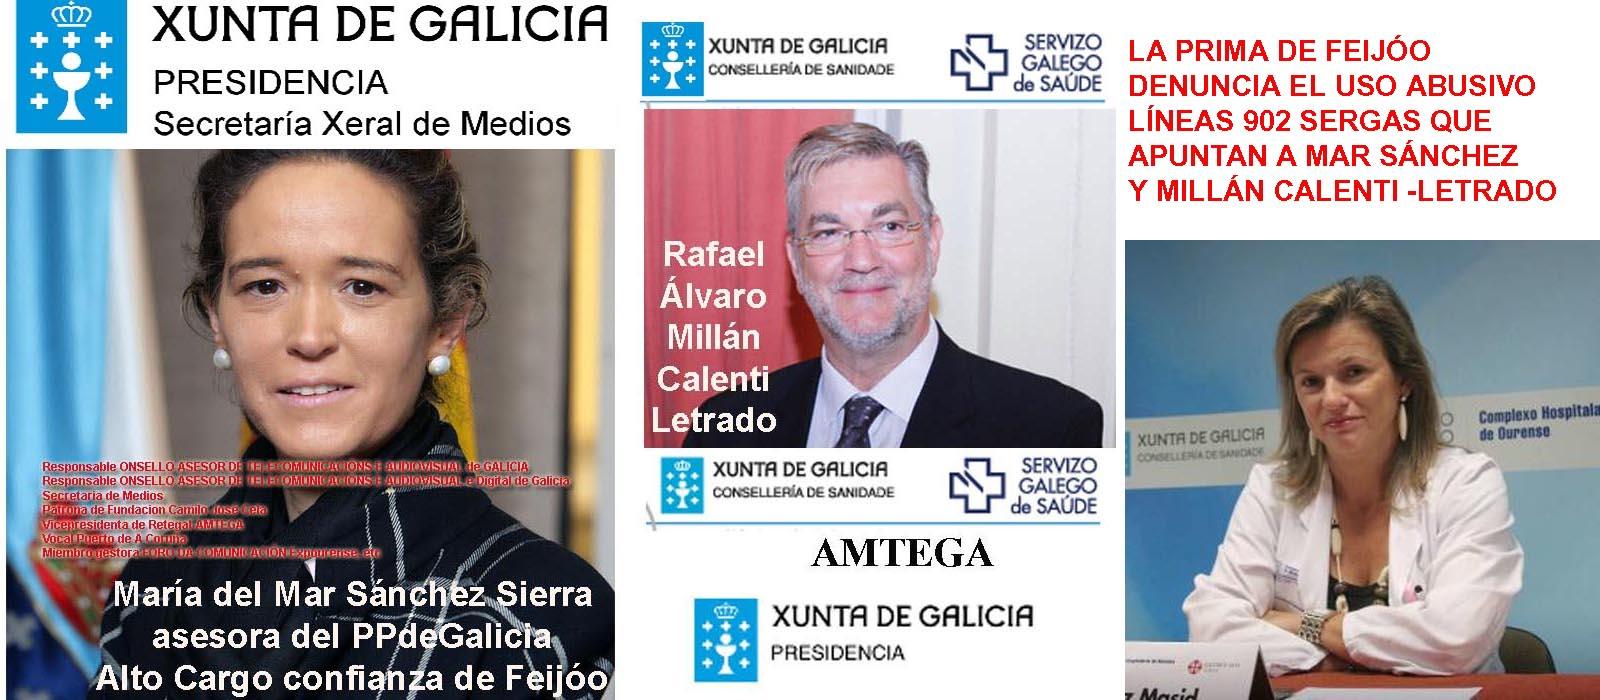 La Fiscalía Antocorrupción insta a la Fiscalía de Galicia a investigar las líneas  902 que anuncia Mar Sánchez Sierra y el Sergas con la autorización de  Millán Calenti. - Xornal Galicia